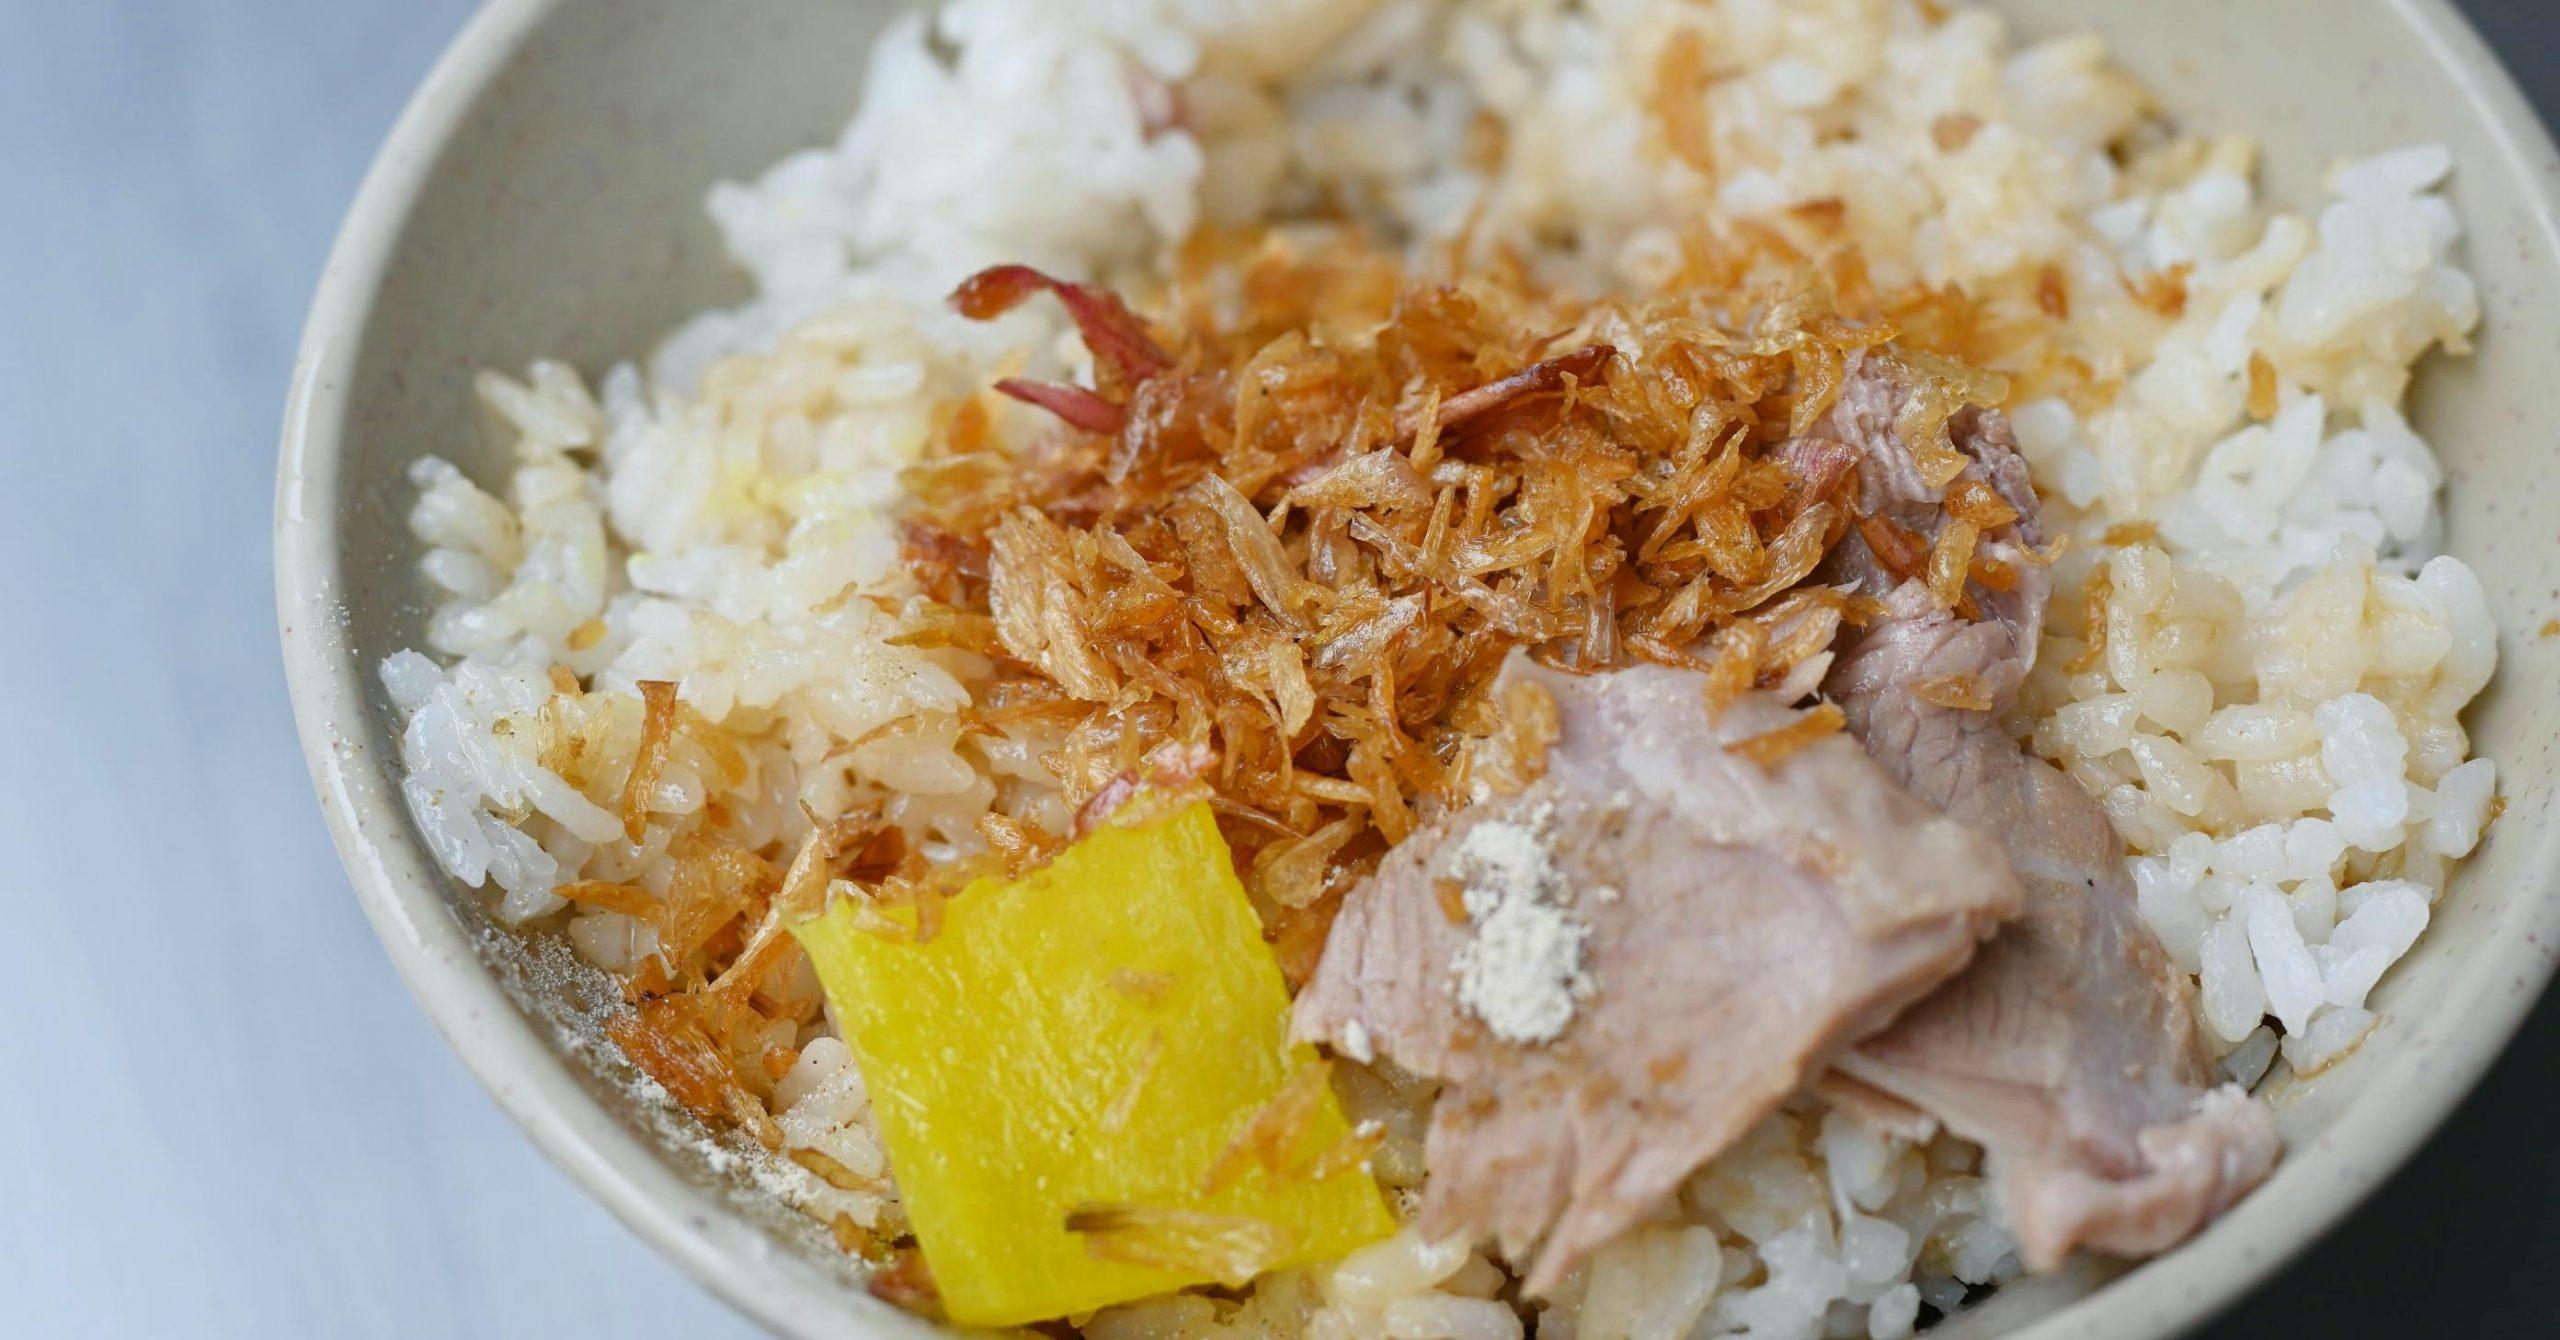 今日熱門文章:【嘉義火雞肉飯推薦】曾家火雞肉飯,後庄嘉義雞肉飯推薦